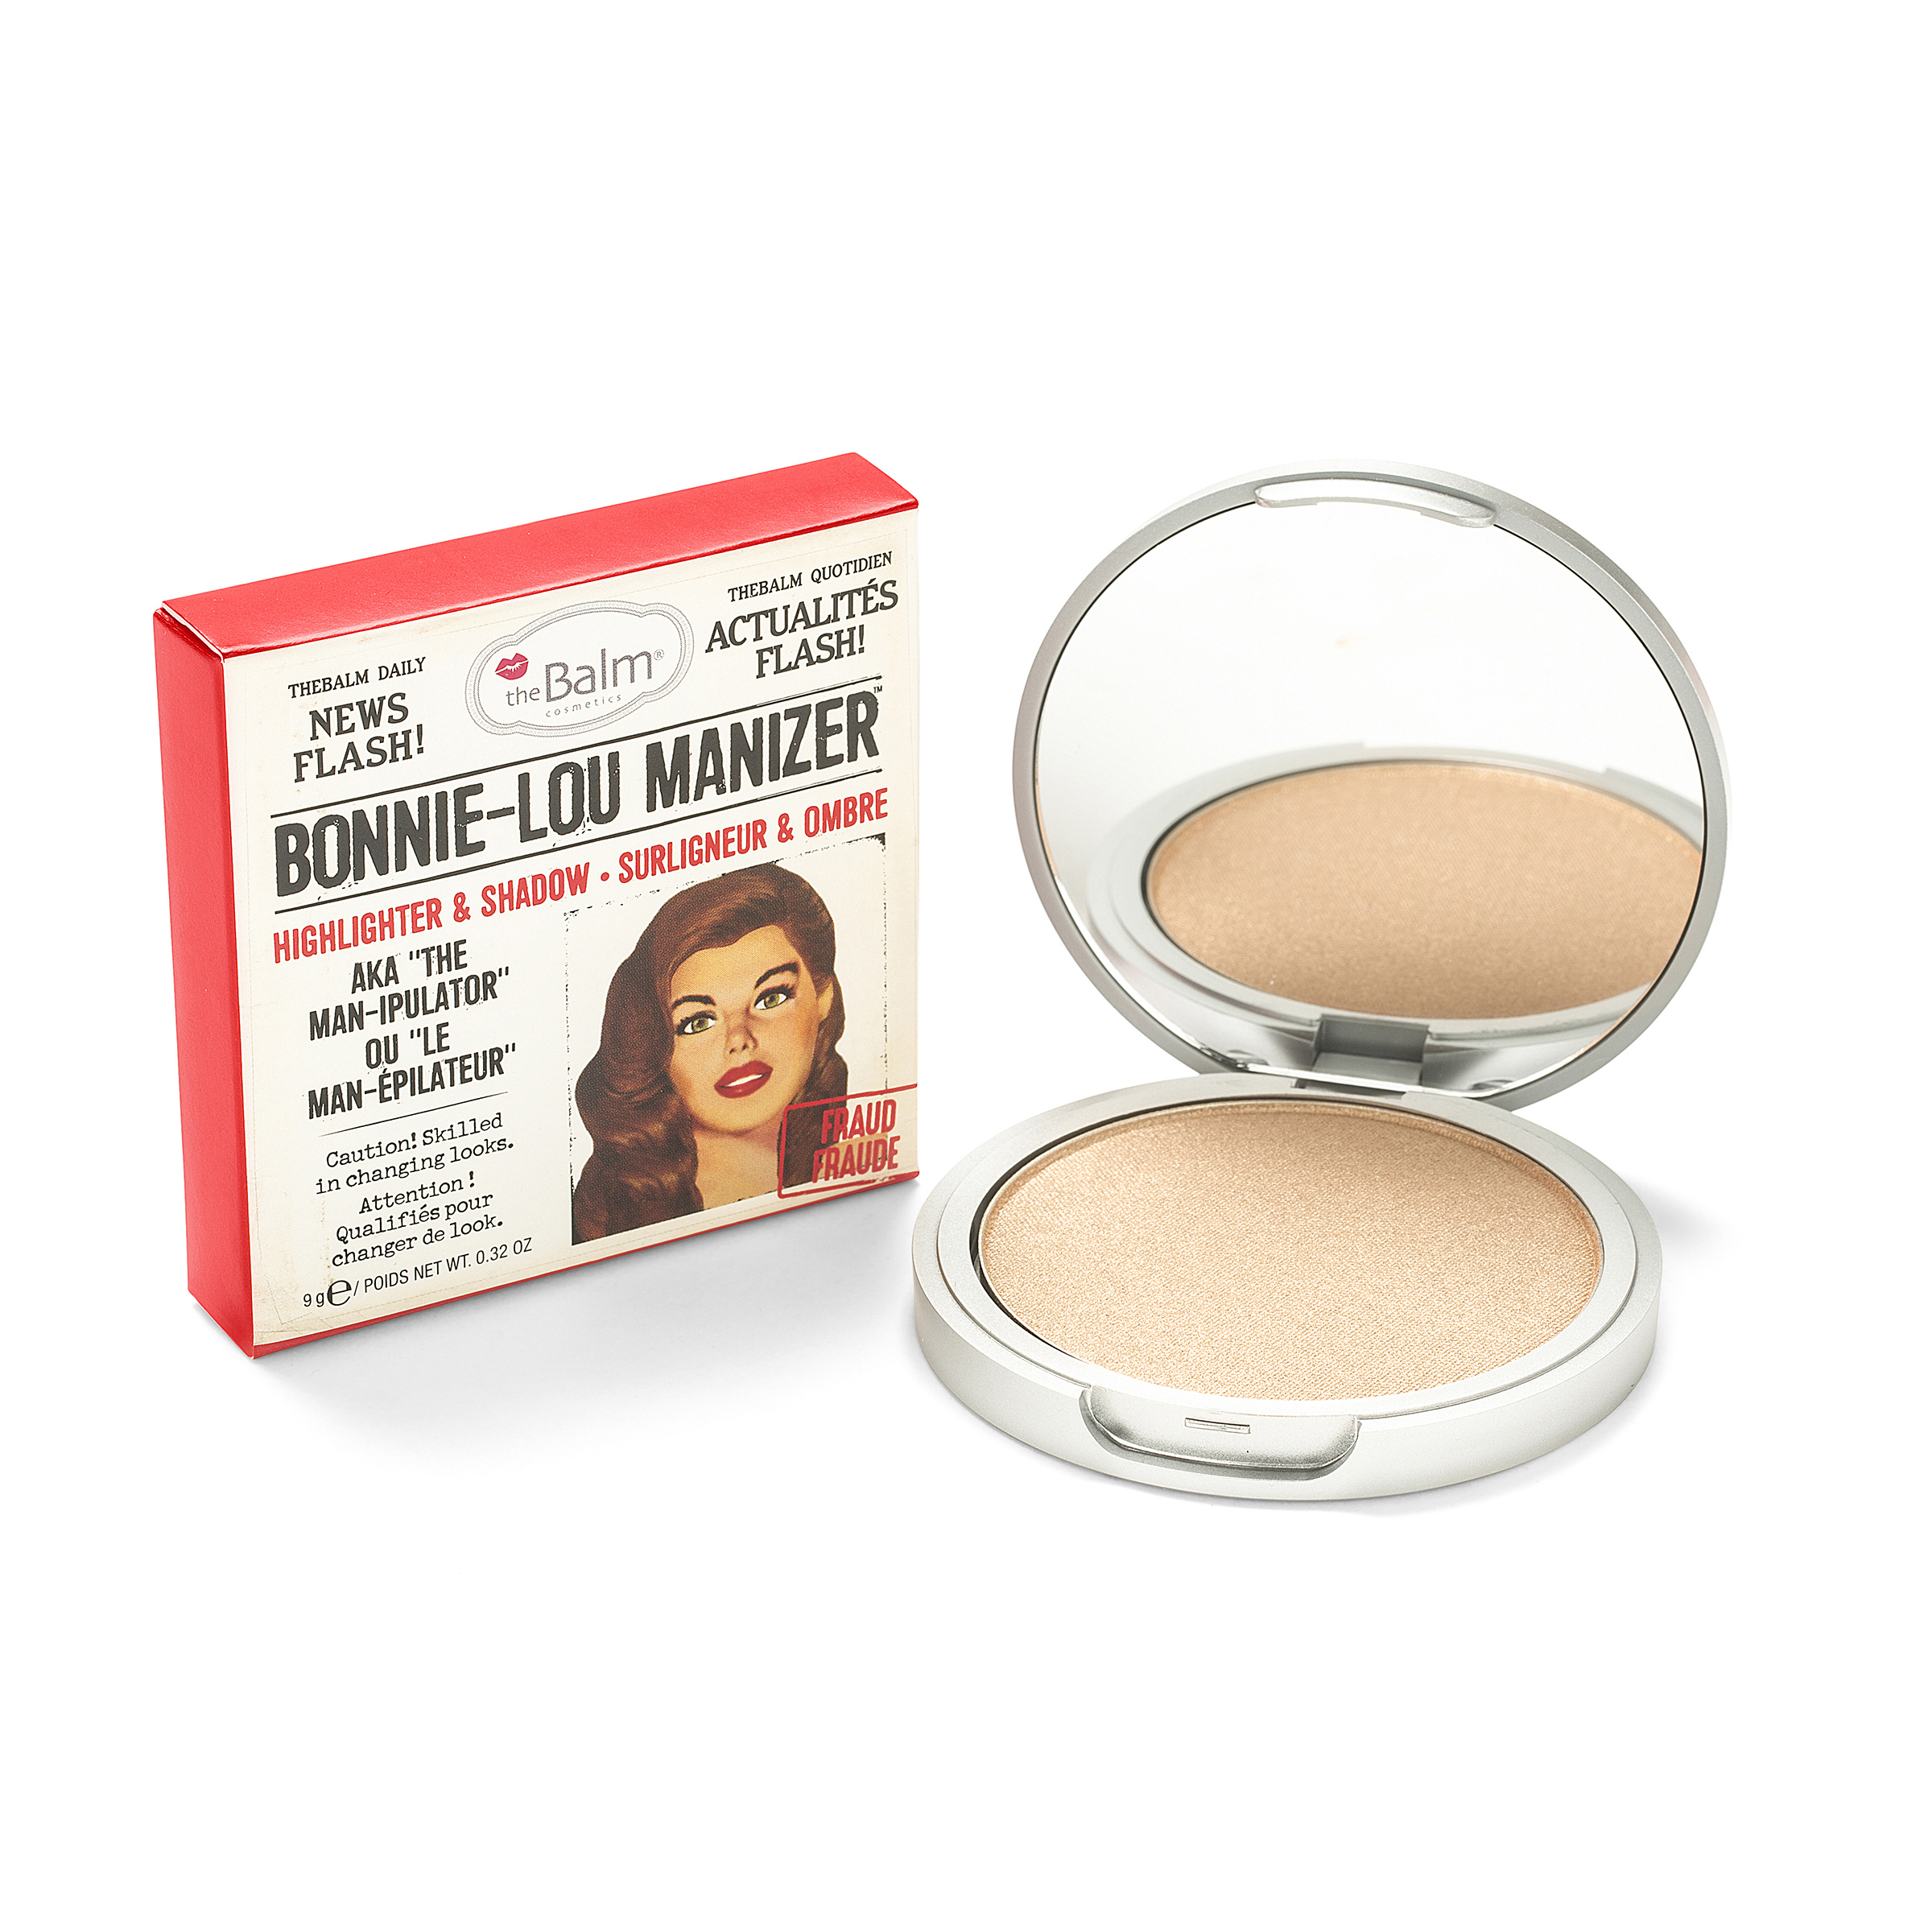 Bonnie Lou Manizer Eyes Bonnie-Lou Manizer Highlighter & Shadow